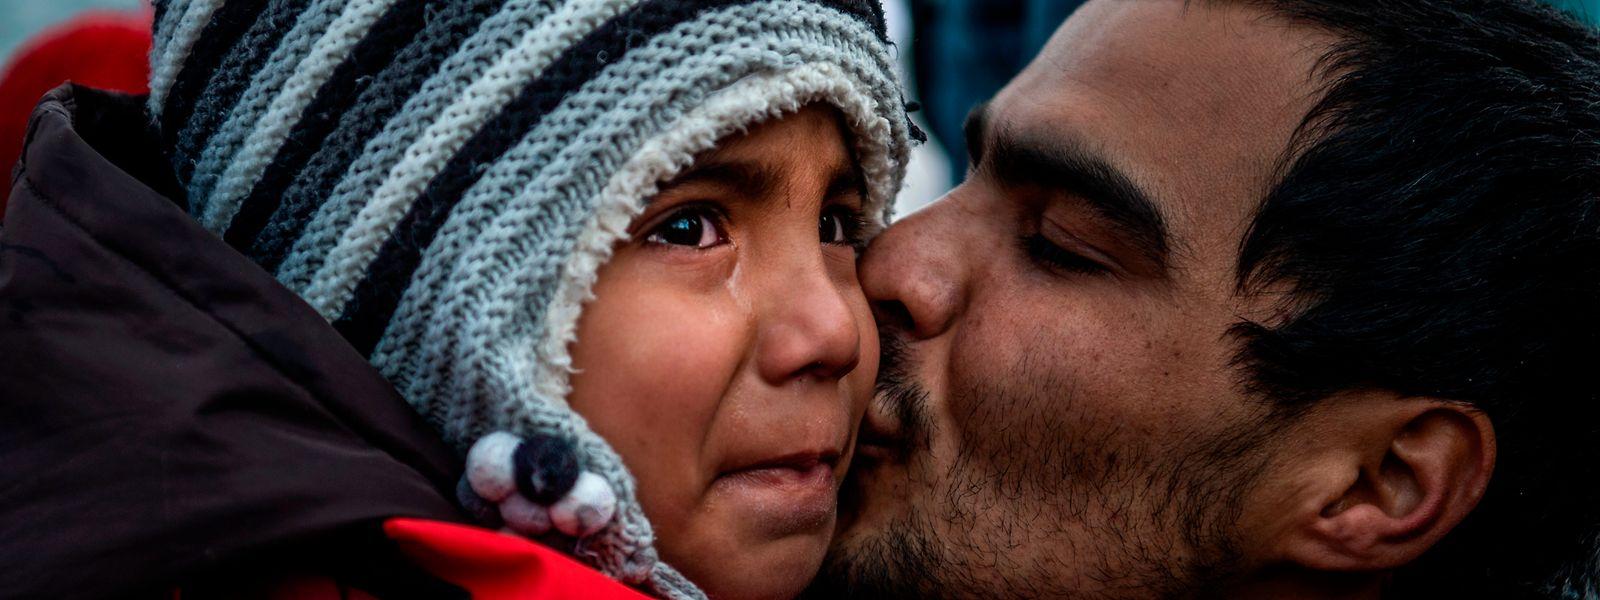 Ein Kind weint, als es in dem Dorf Skala Sikaminias auf der griechischen Insel Lesbos ankommt, nachdem es mit anderen Migranten aus der Türkei die Ägäis überquert hat.